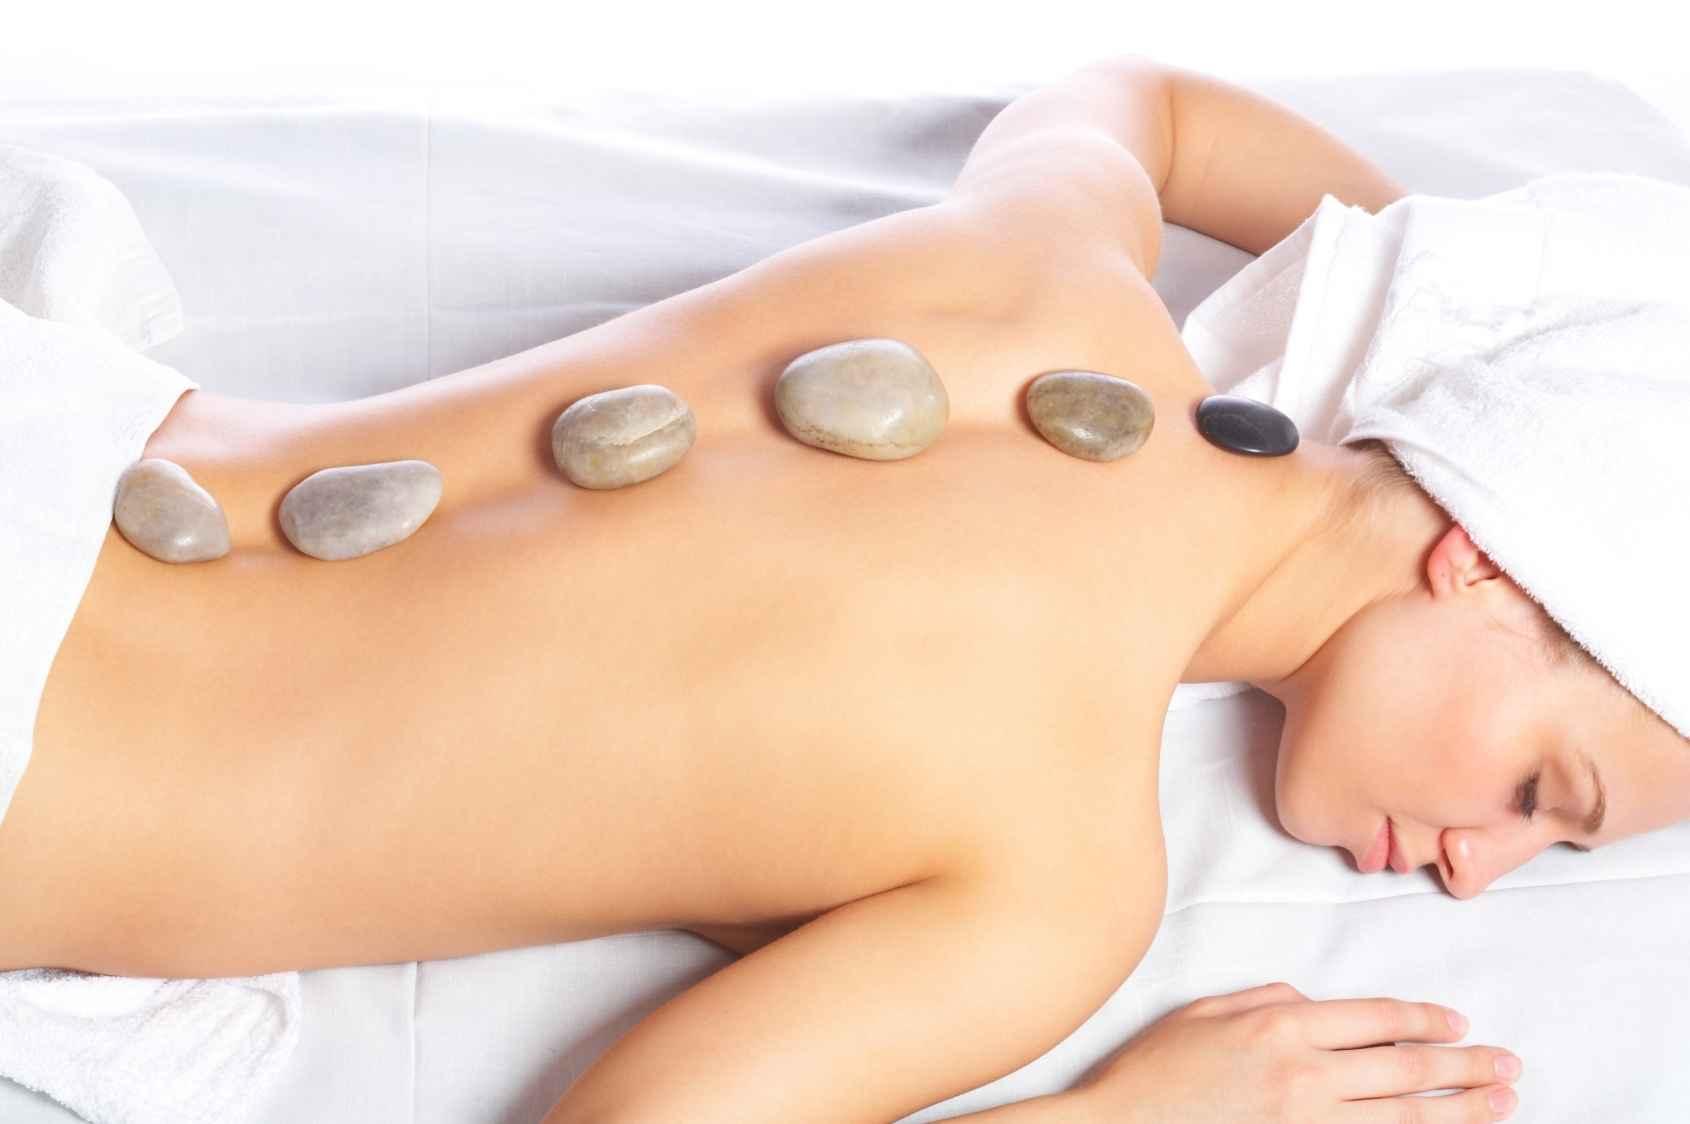 массаж, продолжительность массажа